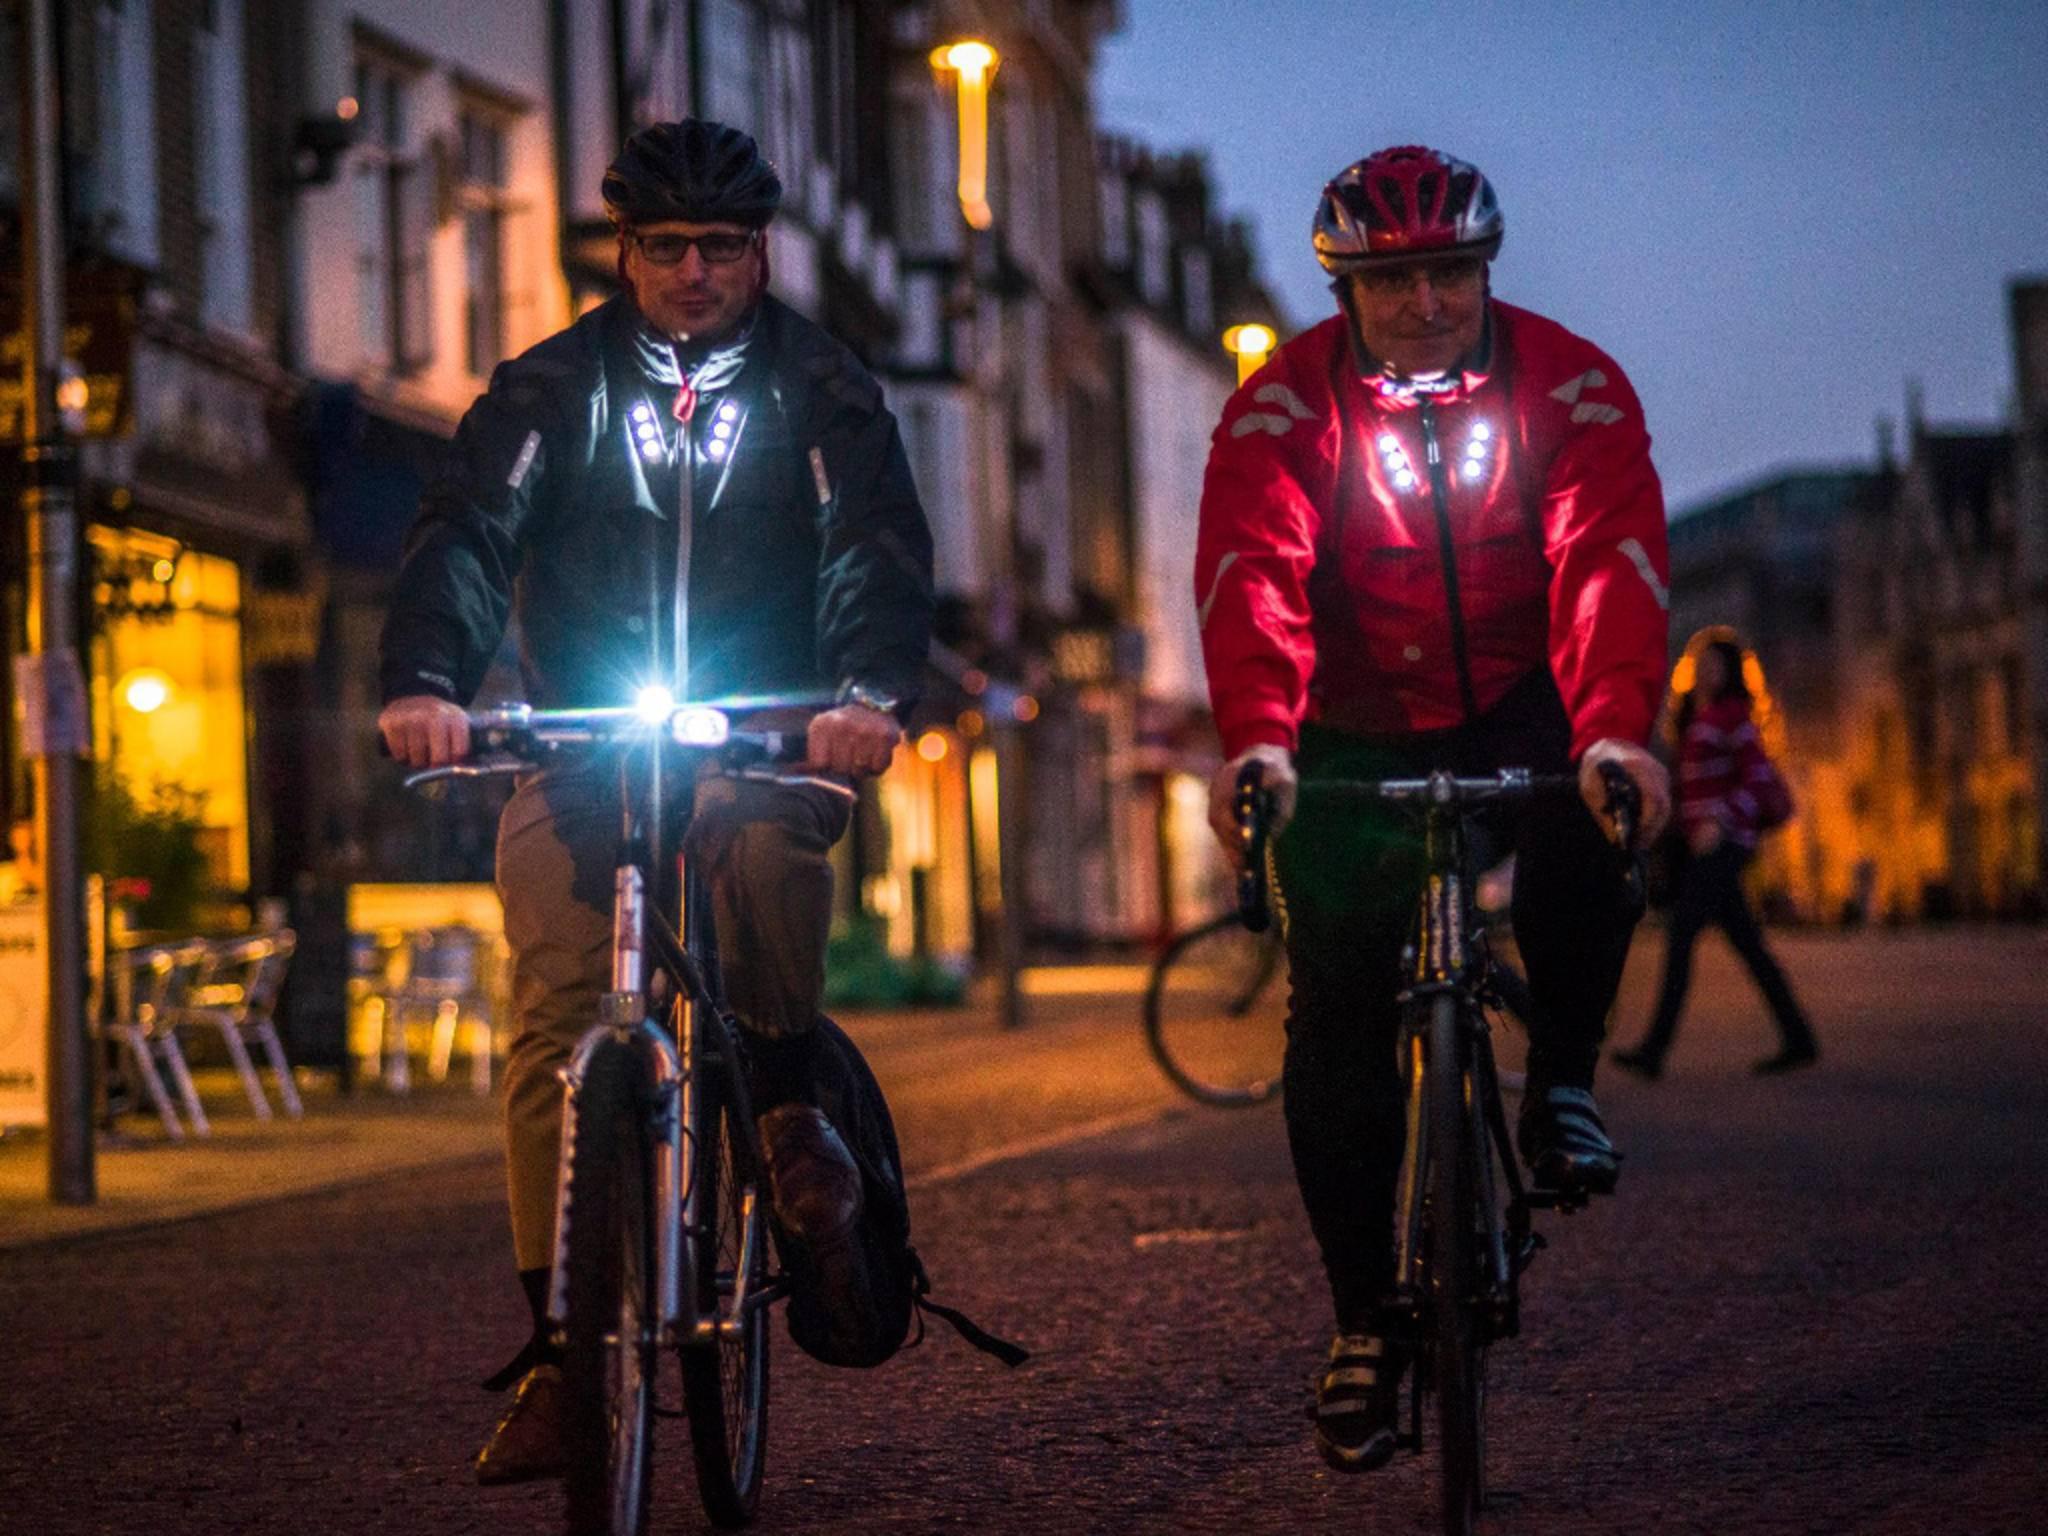 Die Fahrradjacke Visijax besitzt smarte LED-Lichter.